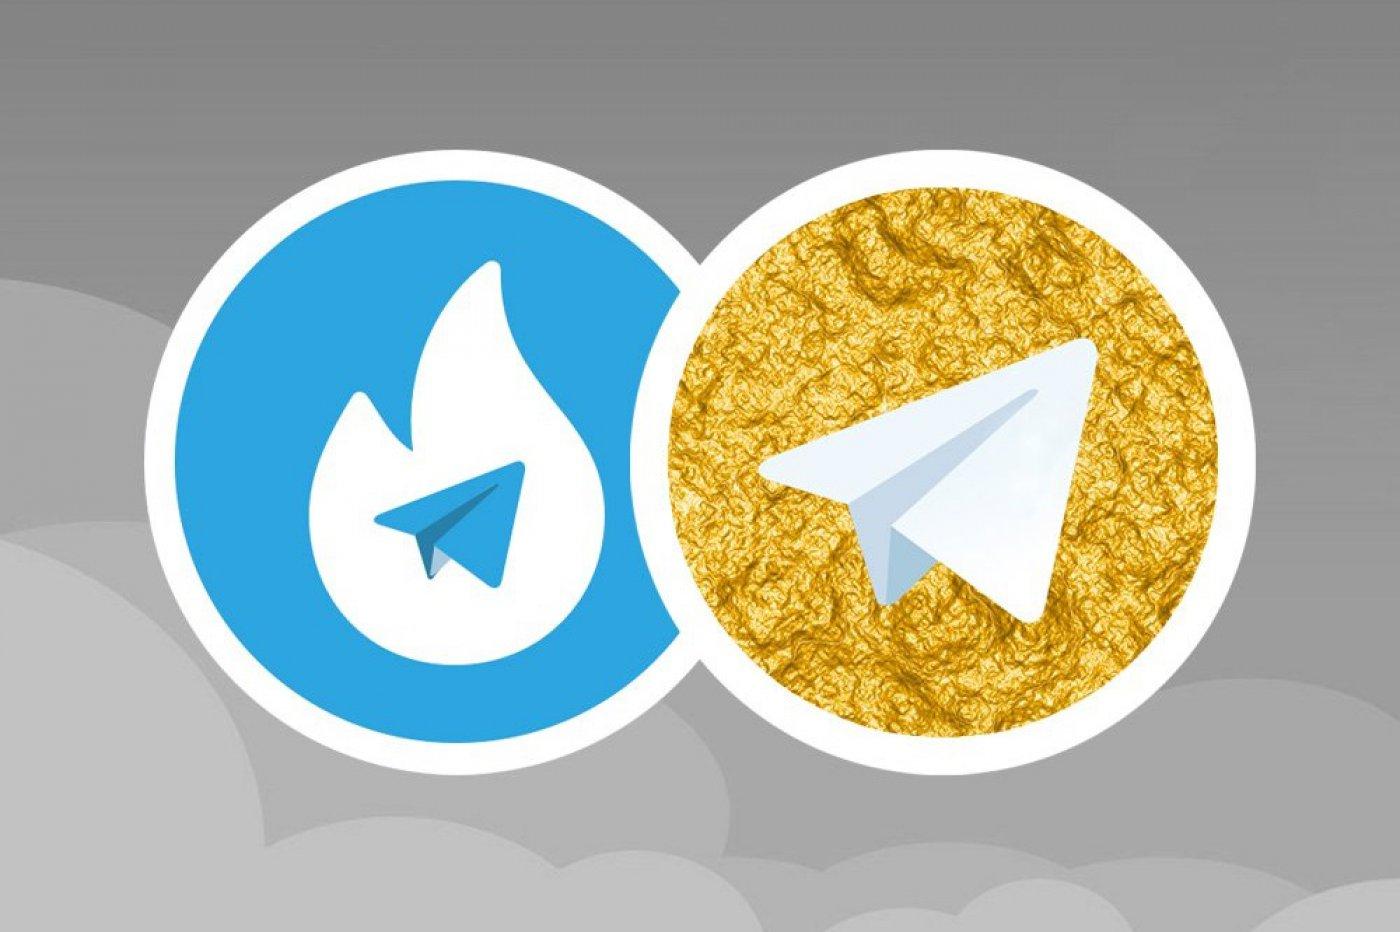 بدافزارهایی که با عنوان تلگرام و اینستاگرام متفرقه در ایران استفاده میشن